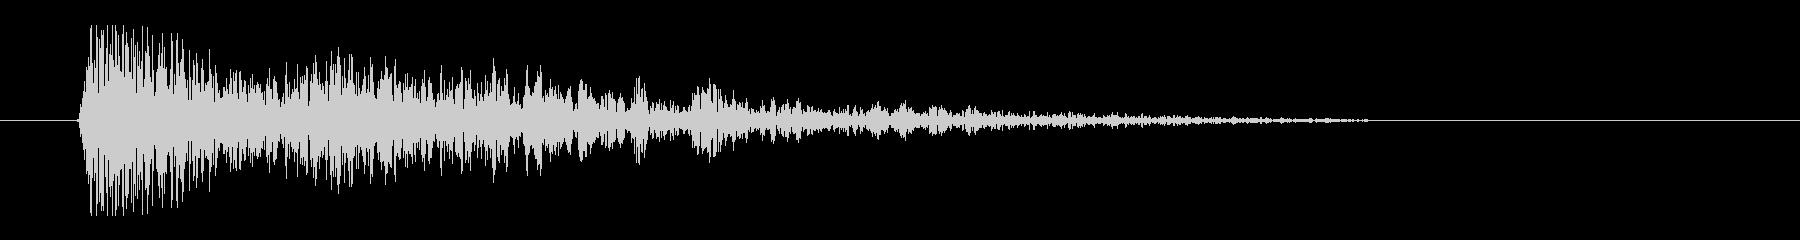 レーザー音-24-3の未再生の波形